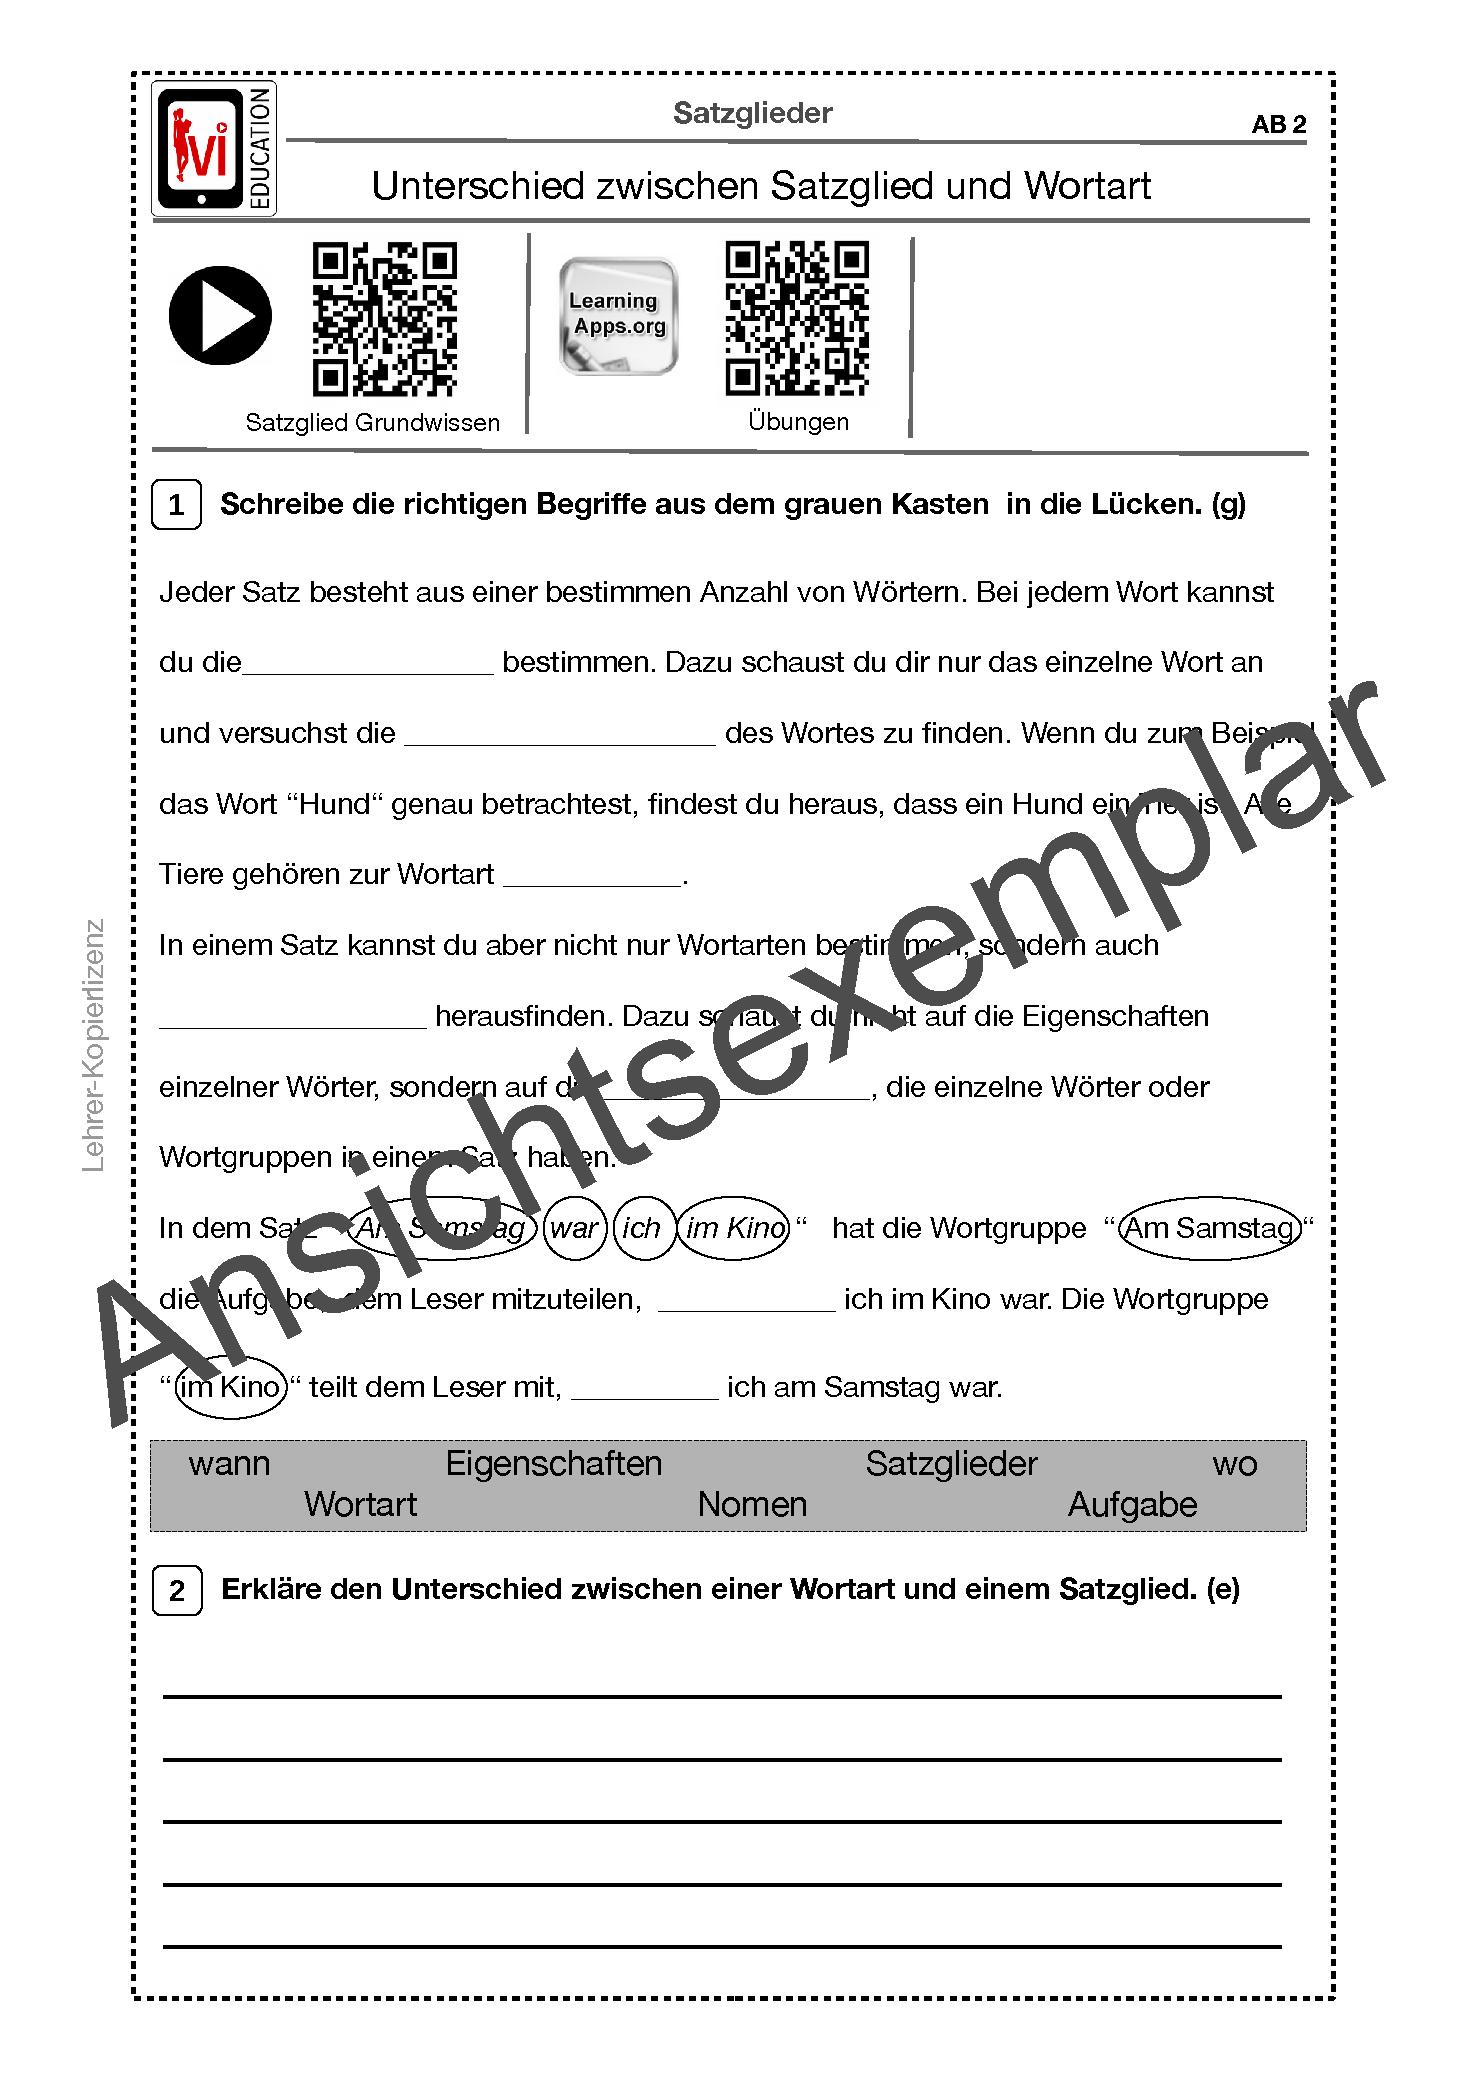 Niedlich Kalikokatze Genetik Arbeitsblatt Bilder - Mathe ...